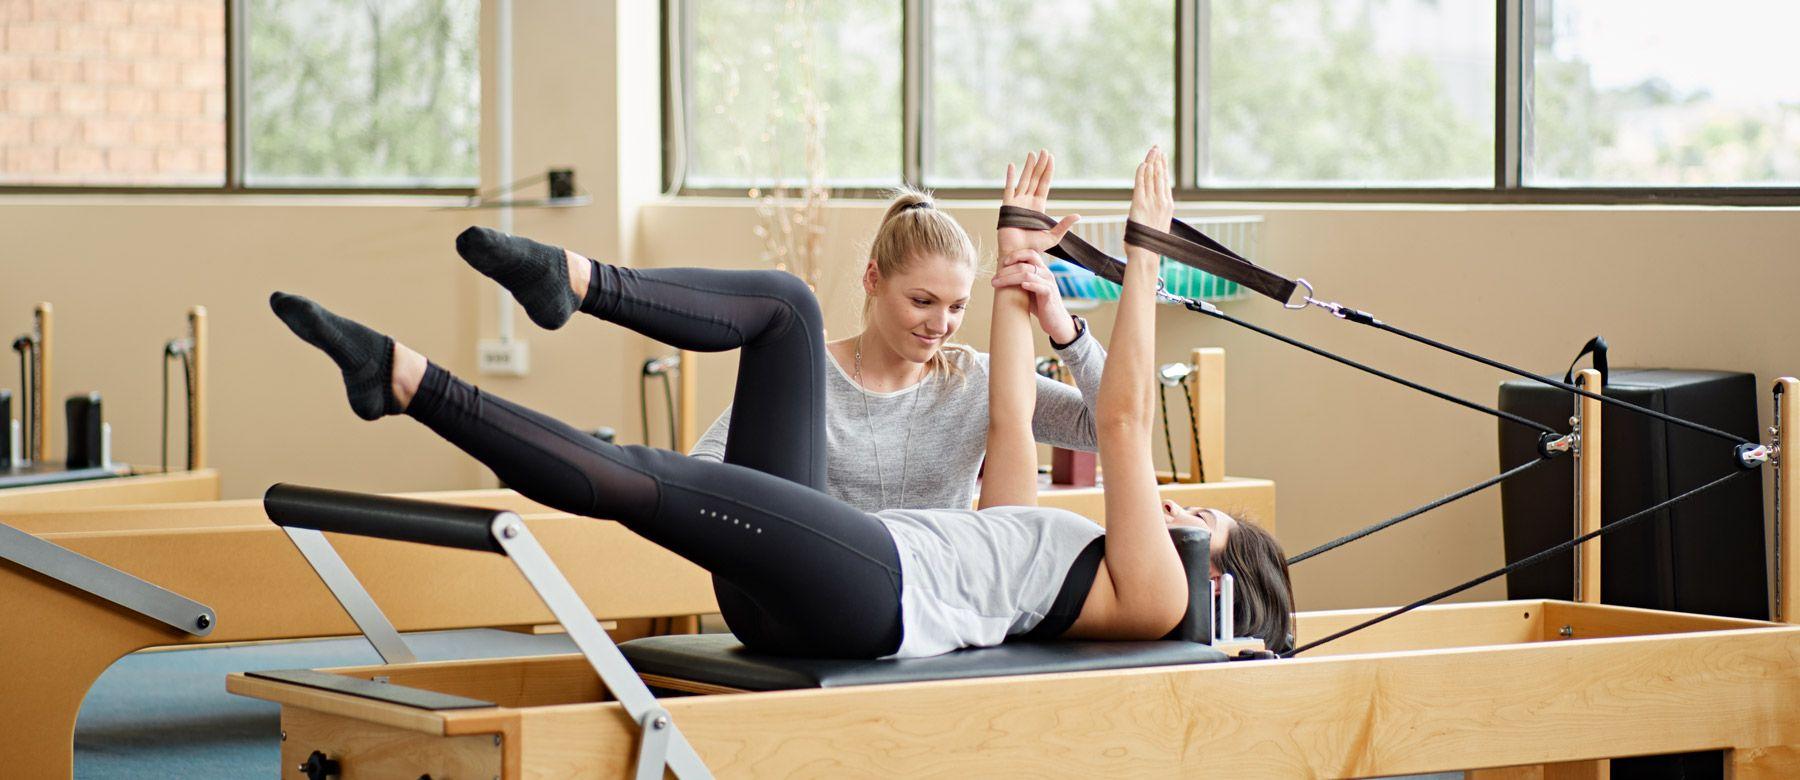 Τα οφέλη του Pilates στα αυτοάνοσα νοσήματα